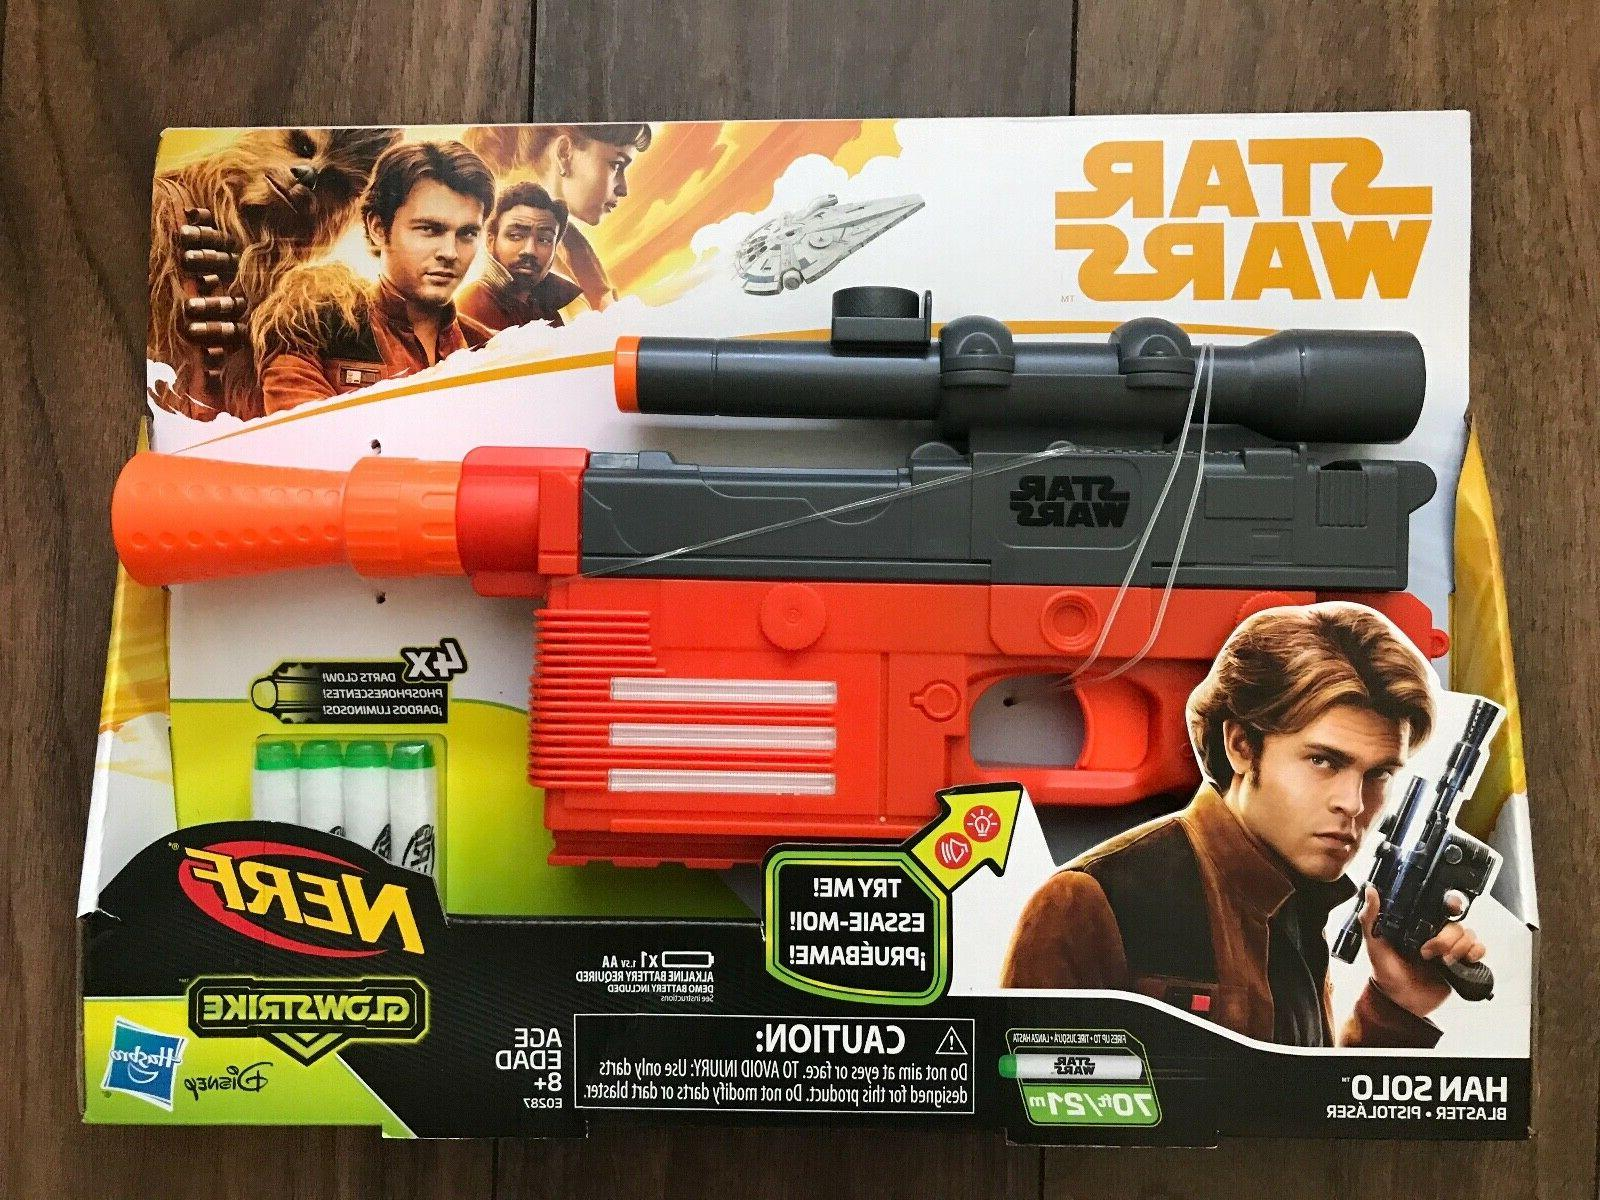 STAR WARS Lot X HAN SOLO BLASTERS Pistols Soft NEW